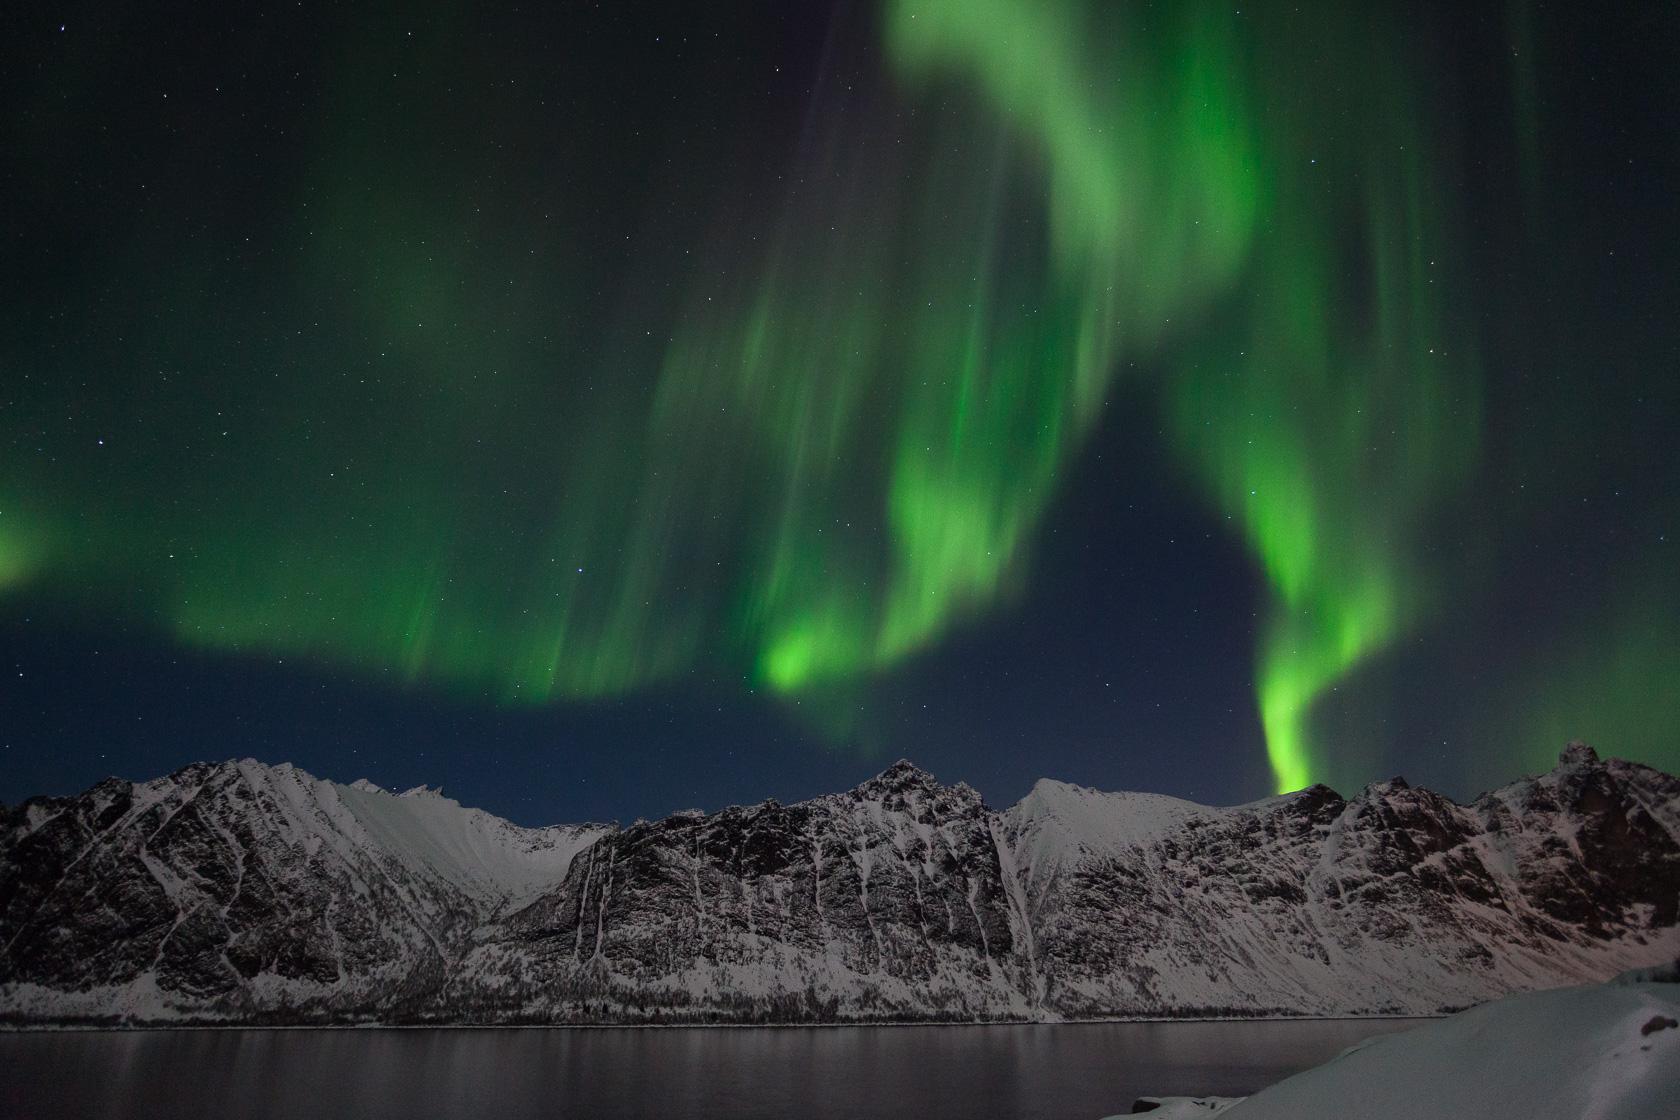 aurore boréale sur l'Ersfjorden, dans l'île de Senja, en Norvège